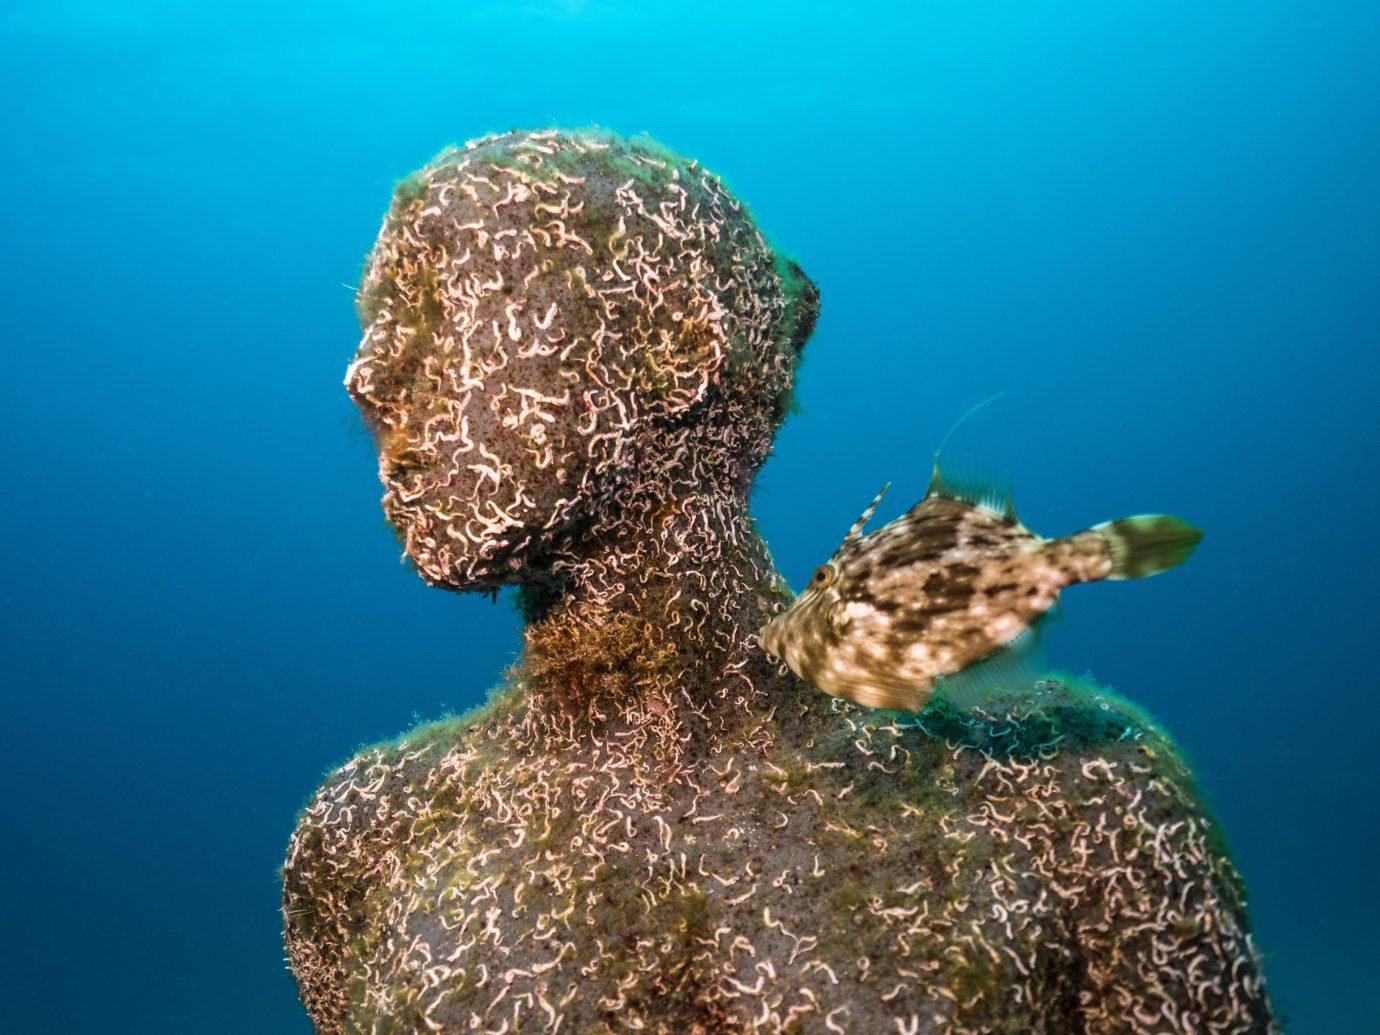 Arts + Culture Offbeat Scuba Diving + Snorkeling Trip Ideas outdoor reef underwater marine biology coral reef biology coral turtle Sea Ocean fish diving blue ocean floor